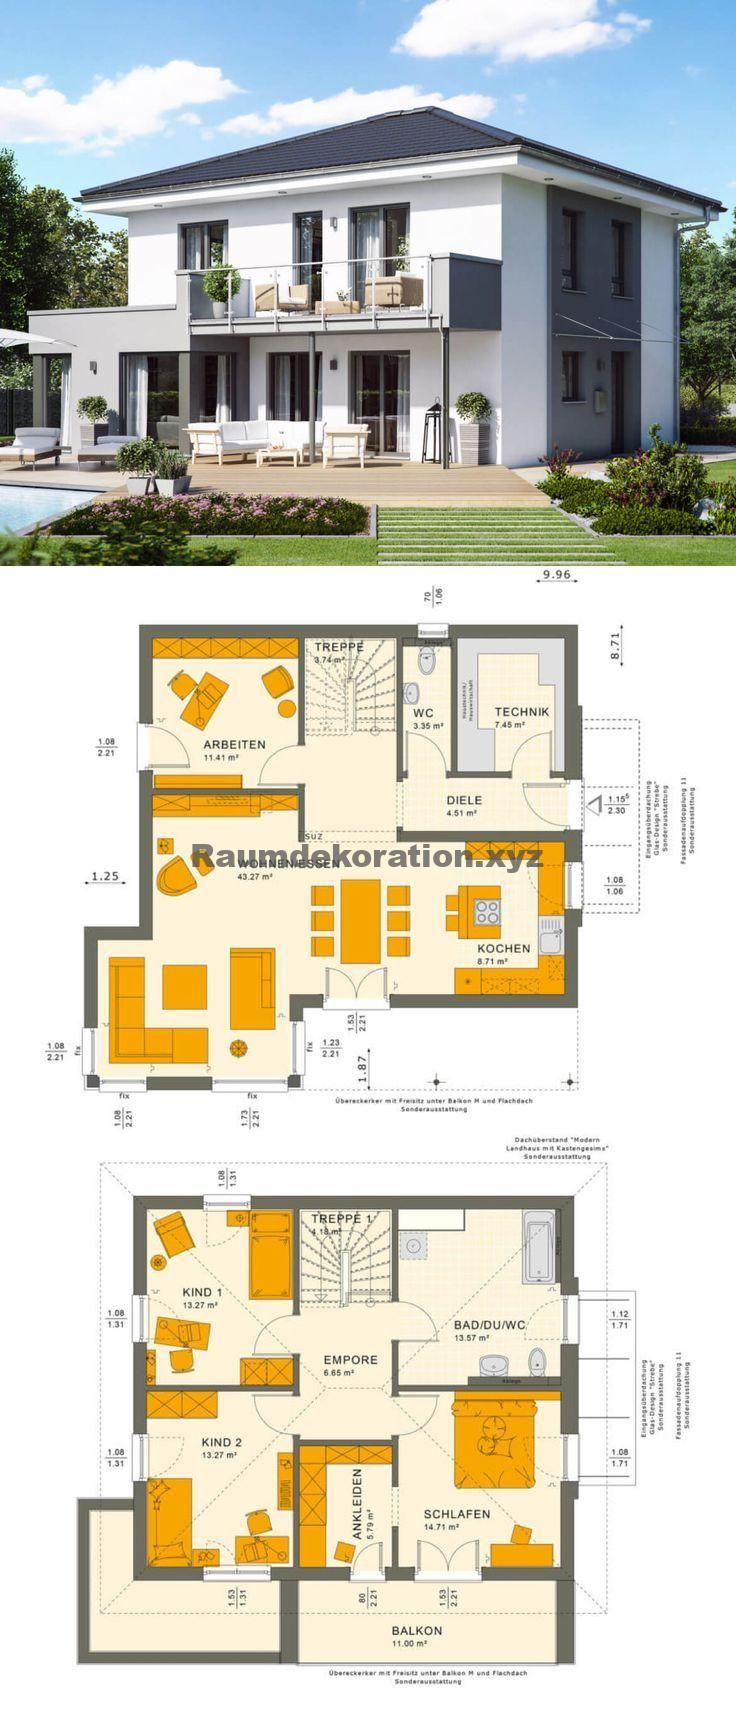 Baukunst Ideen – Stadtvilla modern Neubau mit Walmdach Baukunst, Erker & Loggia – Einfamilienh